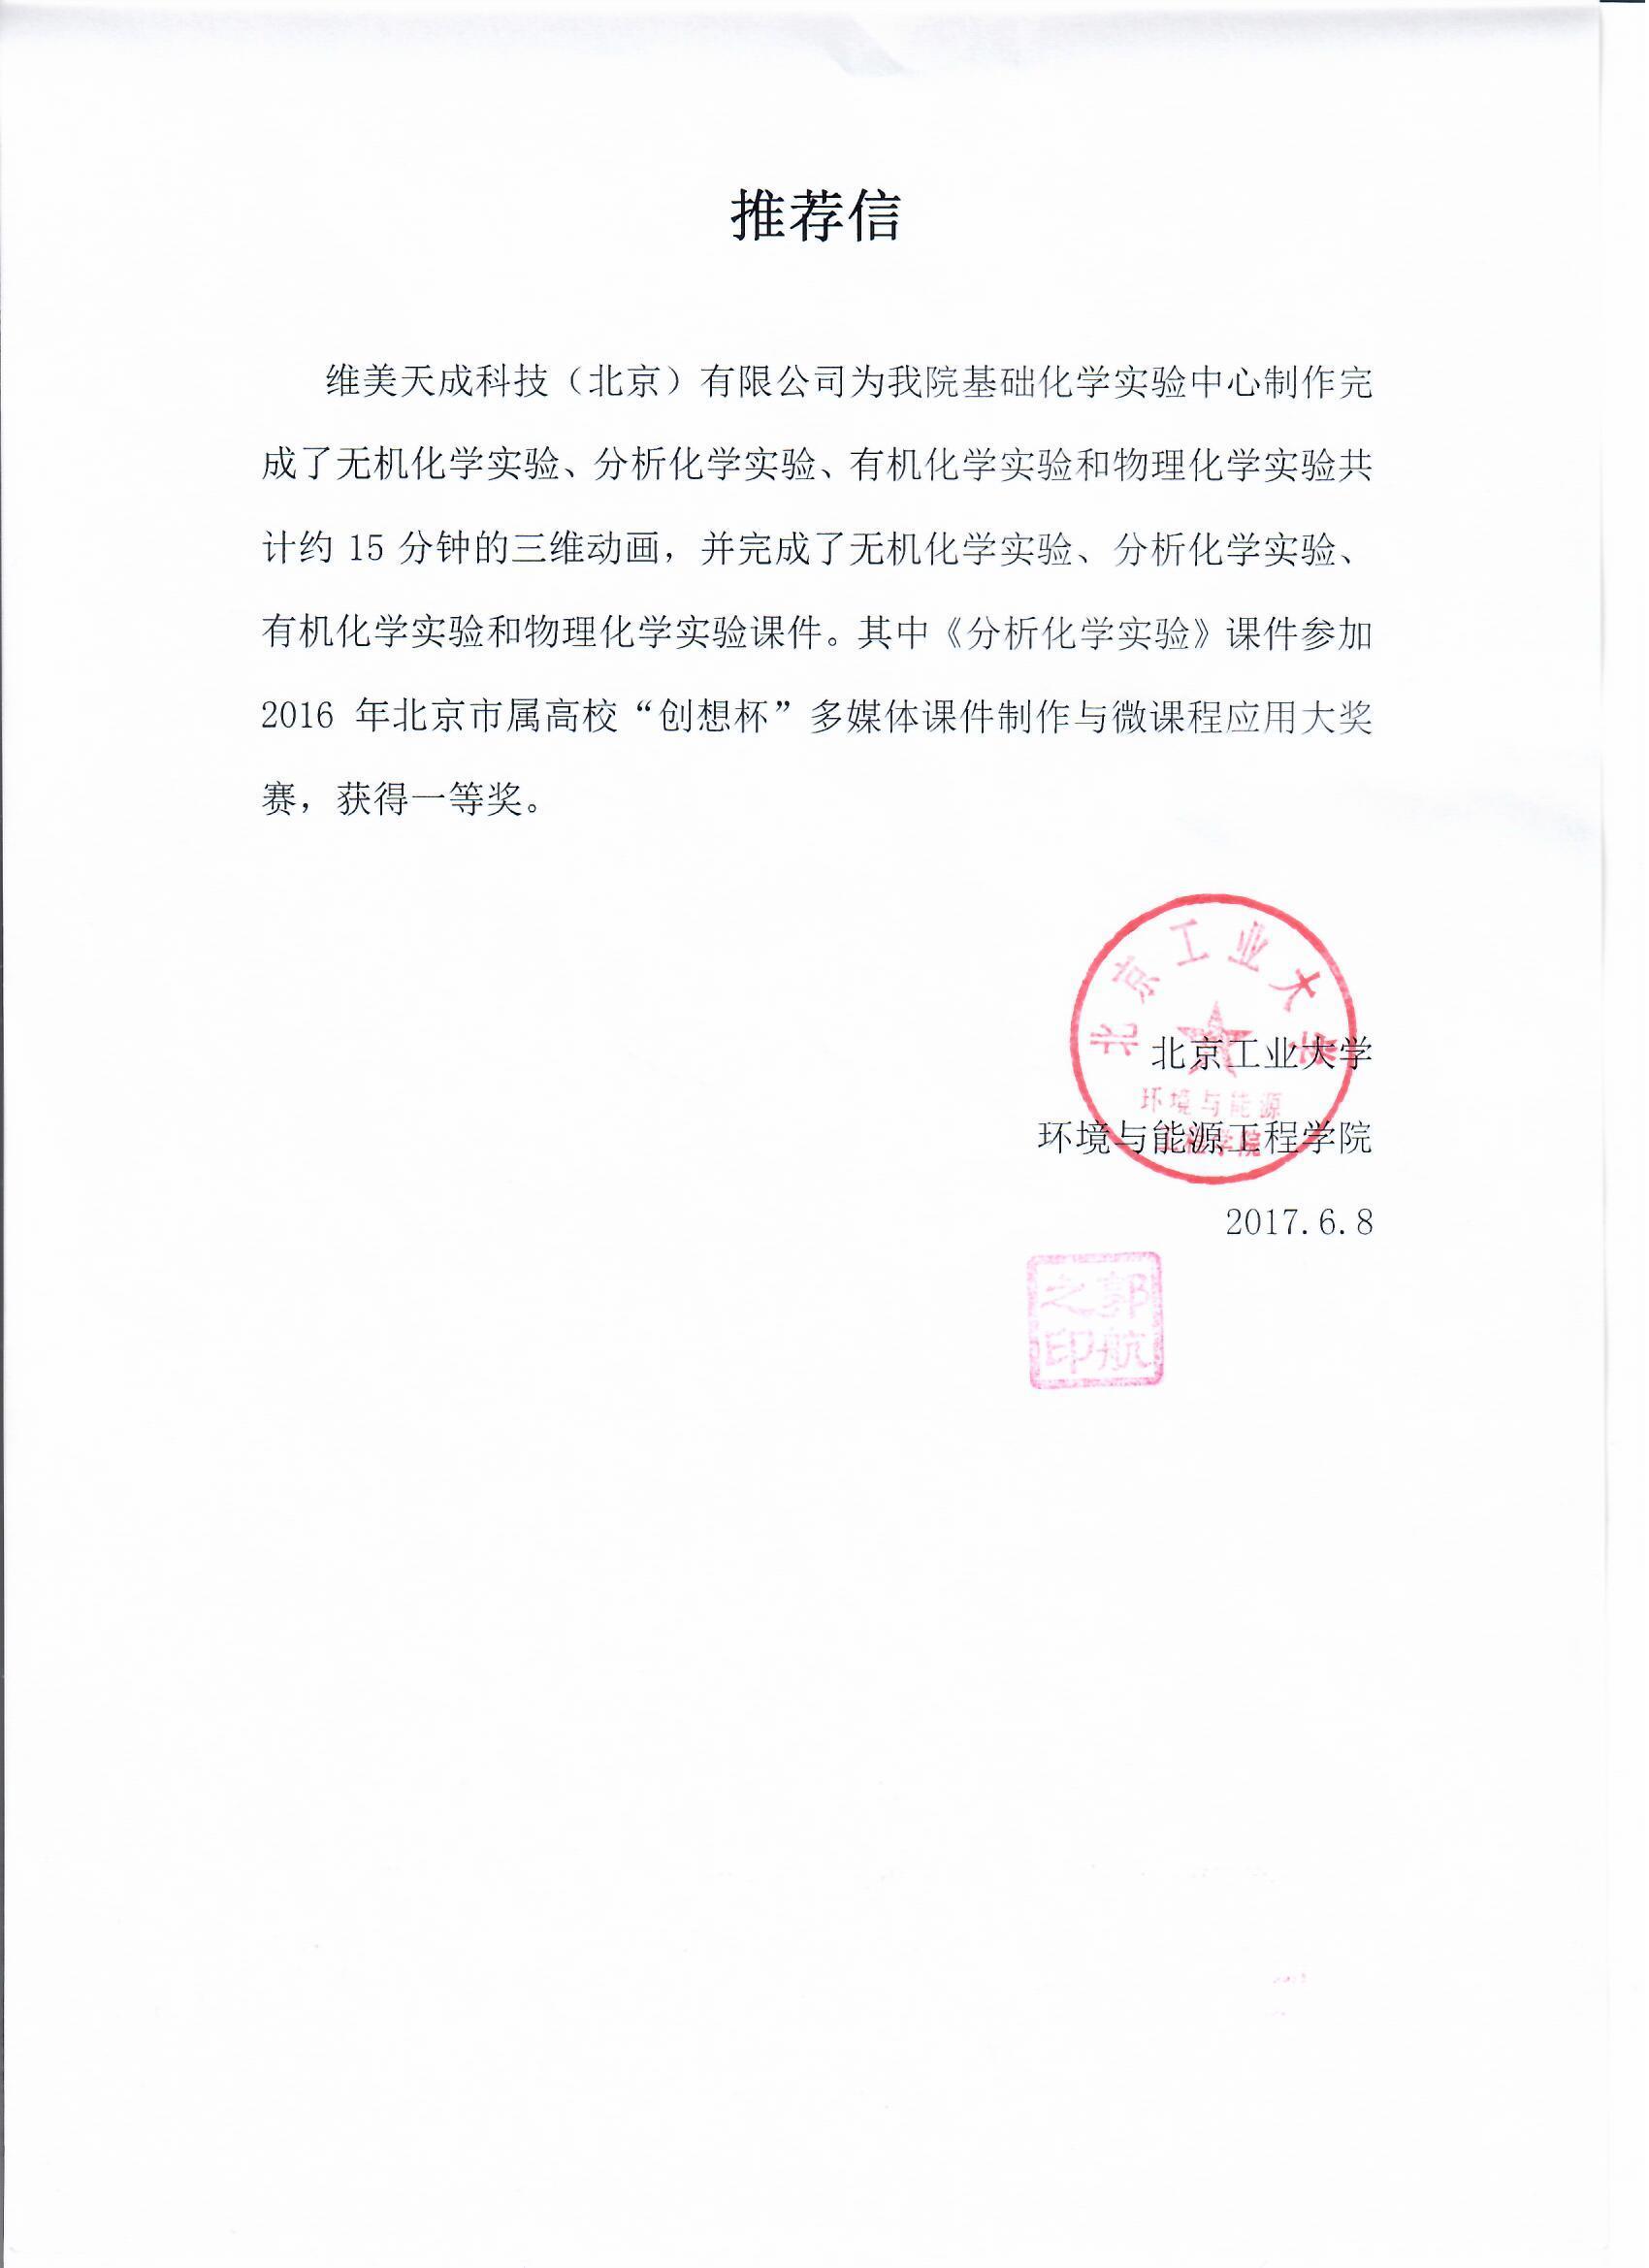 北京工业大学推荐信